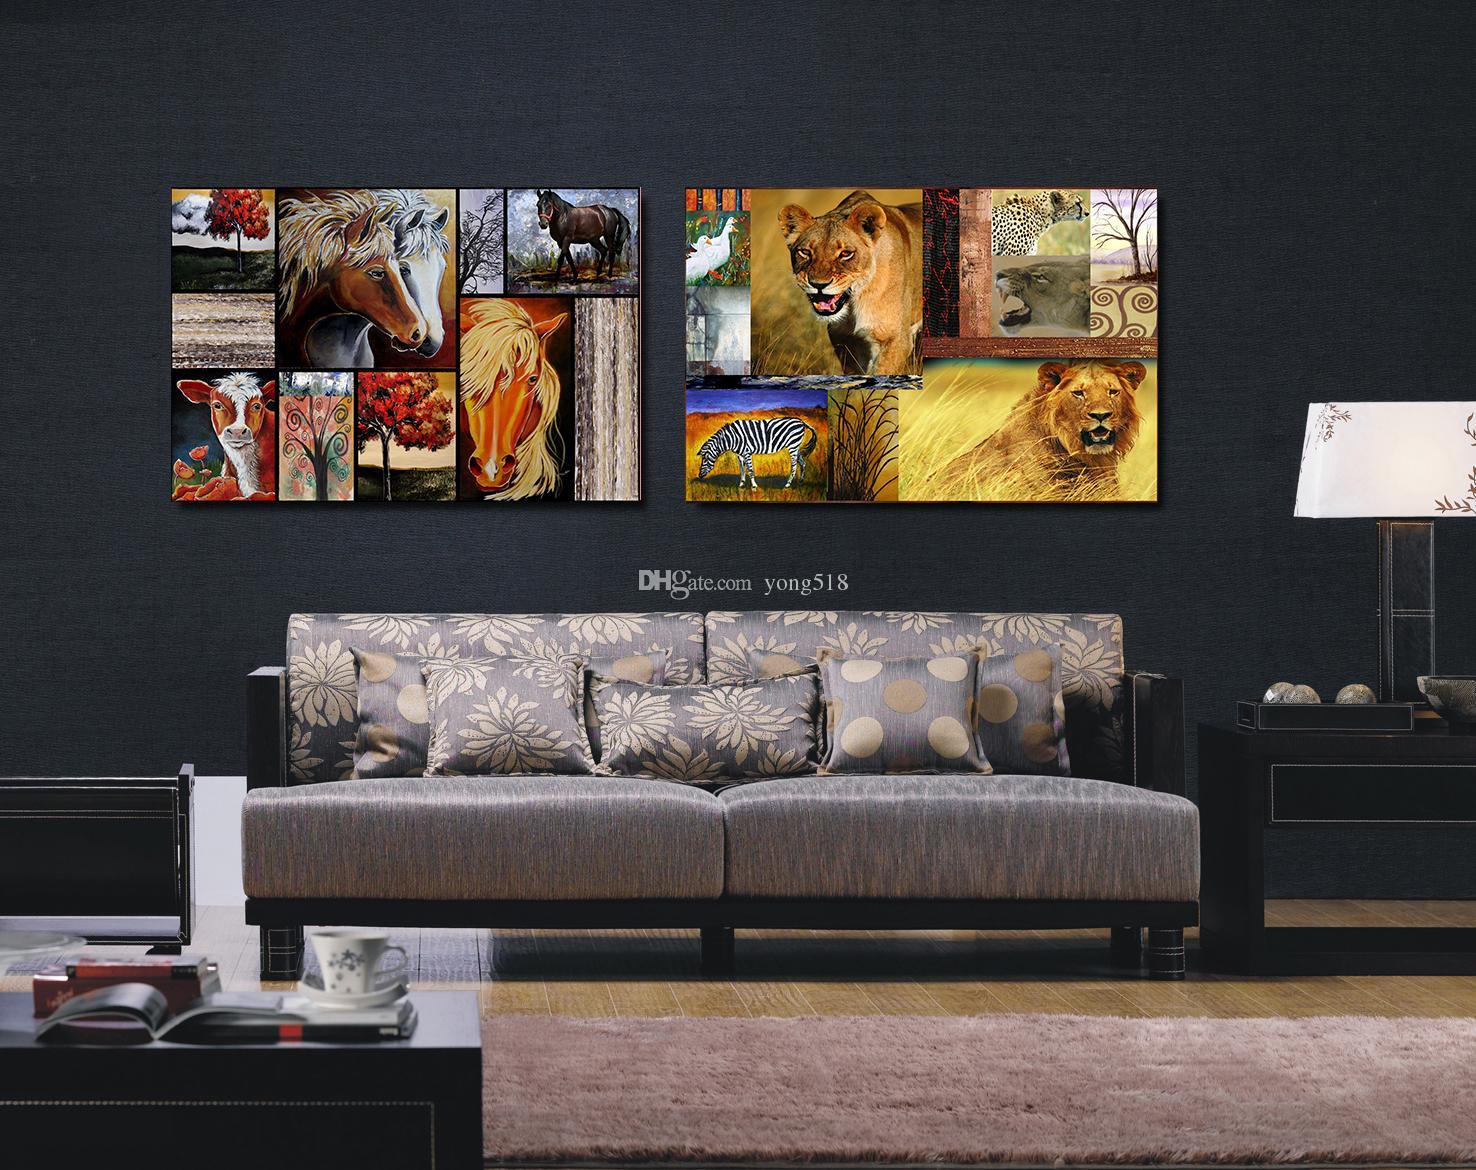 Аннотация современный домашний декор стены искусства холст смесь животных картина печати живопись холст без рамы Фото лошадь корова Лев зебра